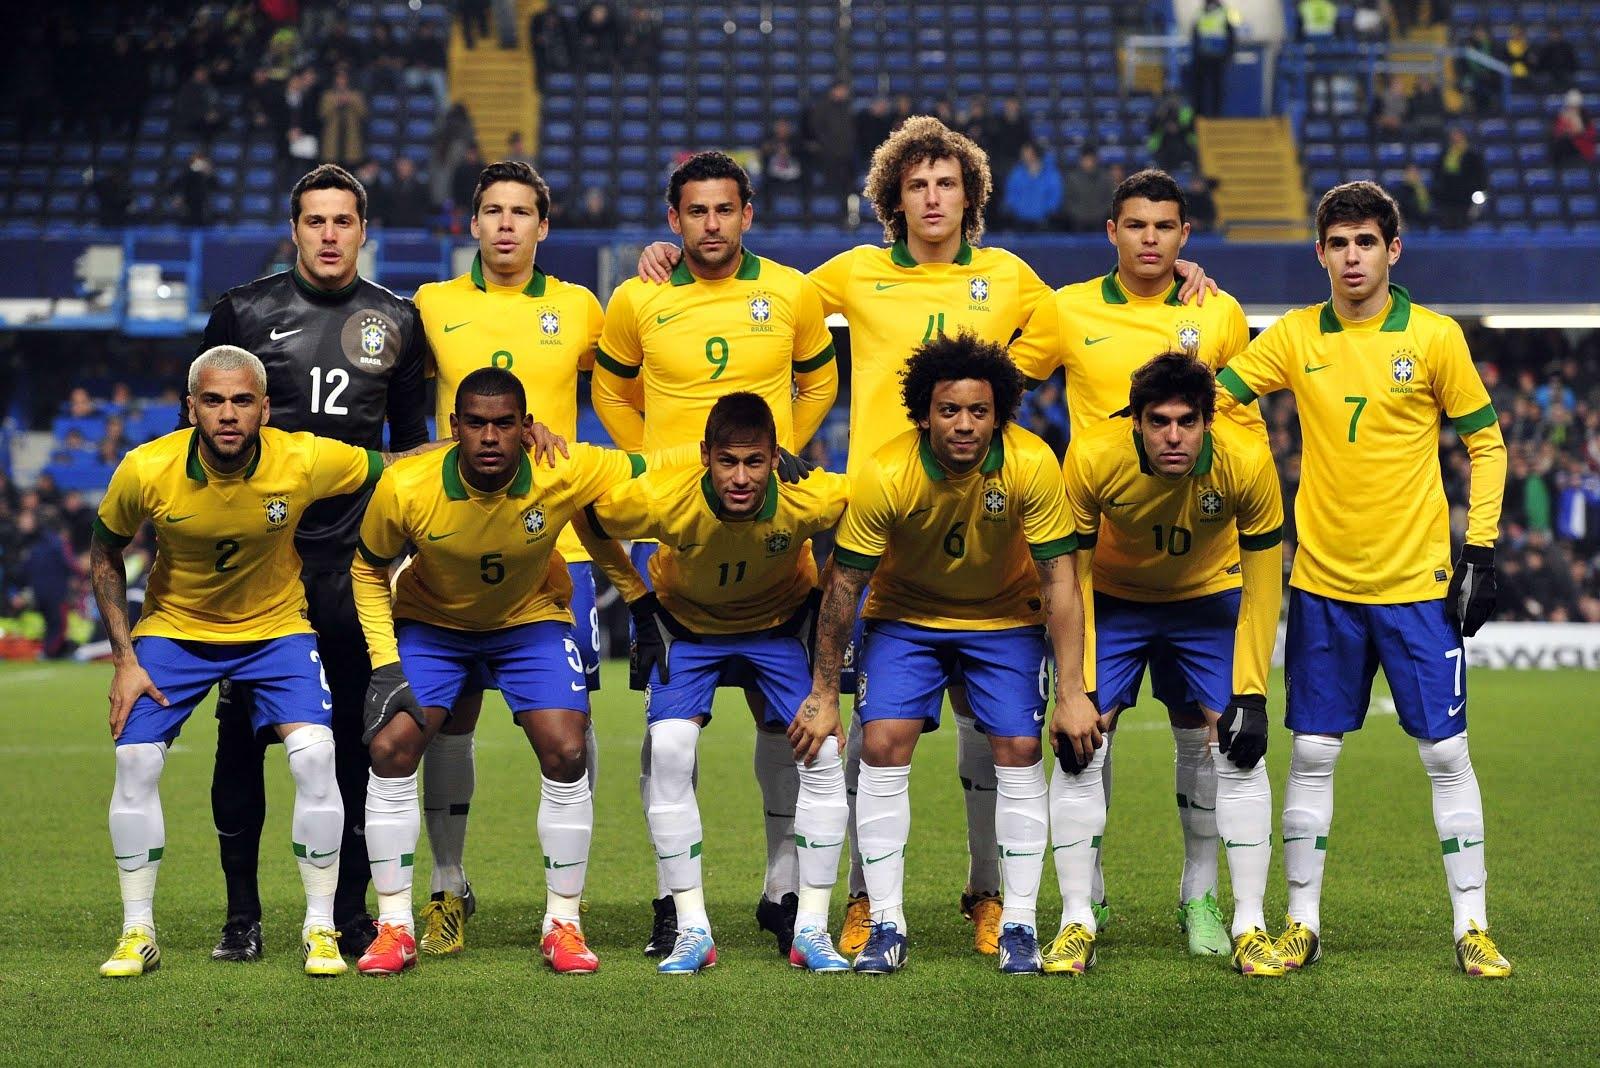 البرازيل تطلب مواجهة أسود الأطلس قبل المونديال